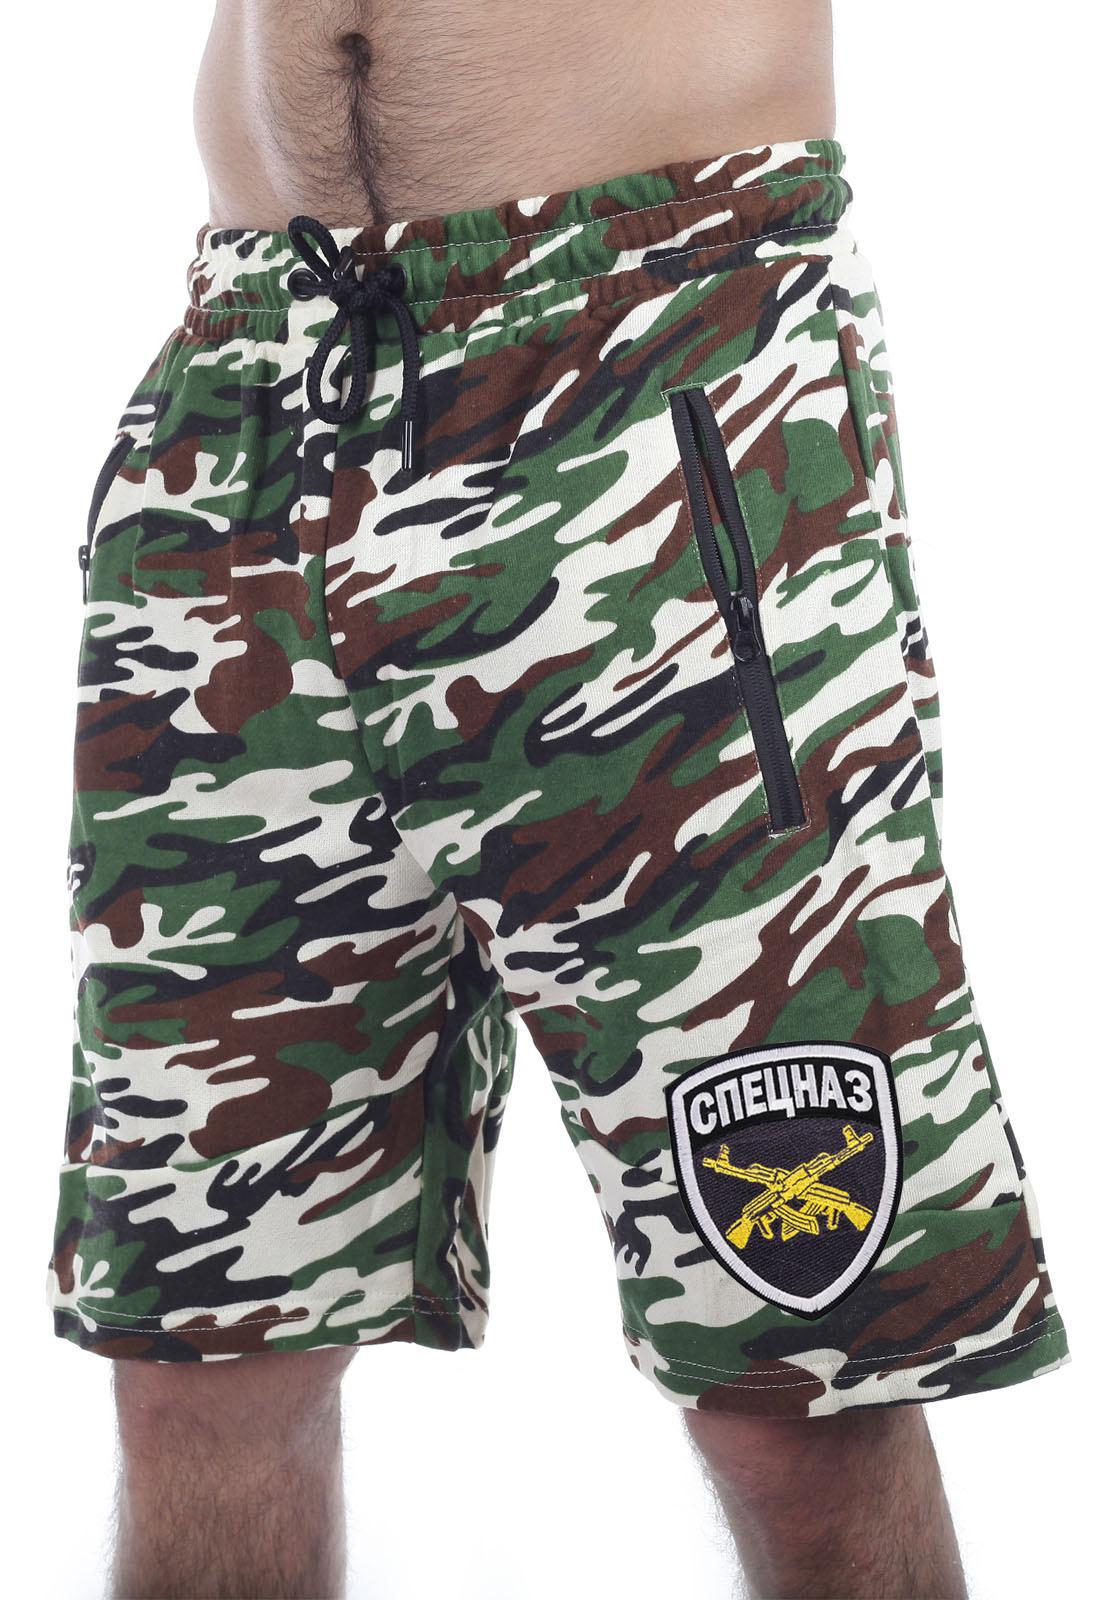 Анатомические мужские шорты Спецназа